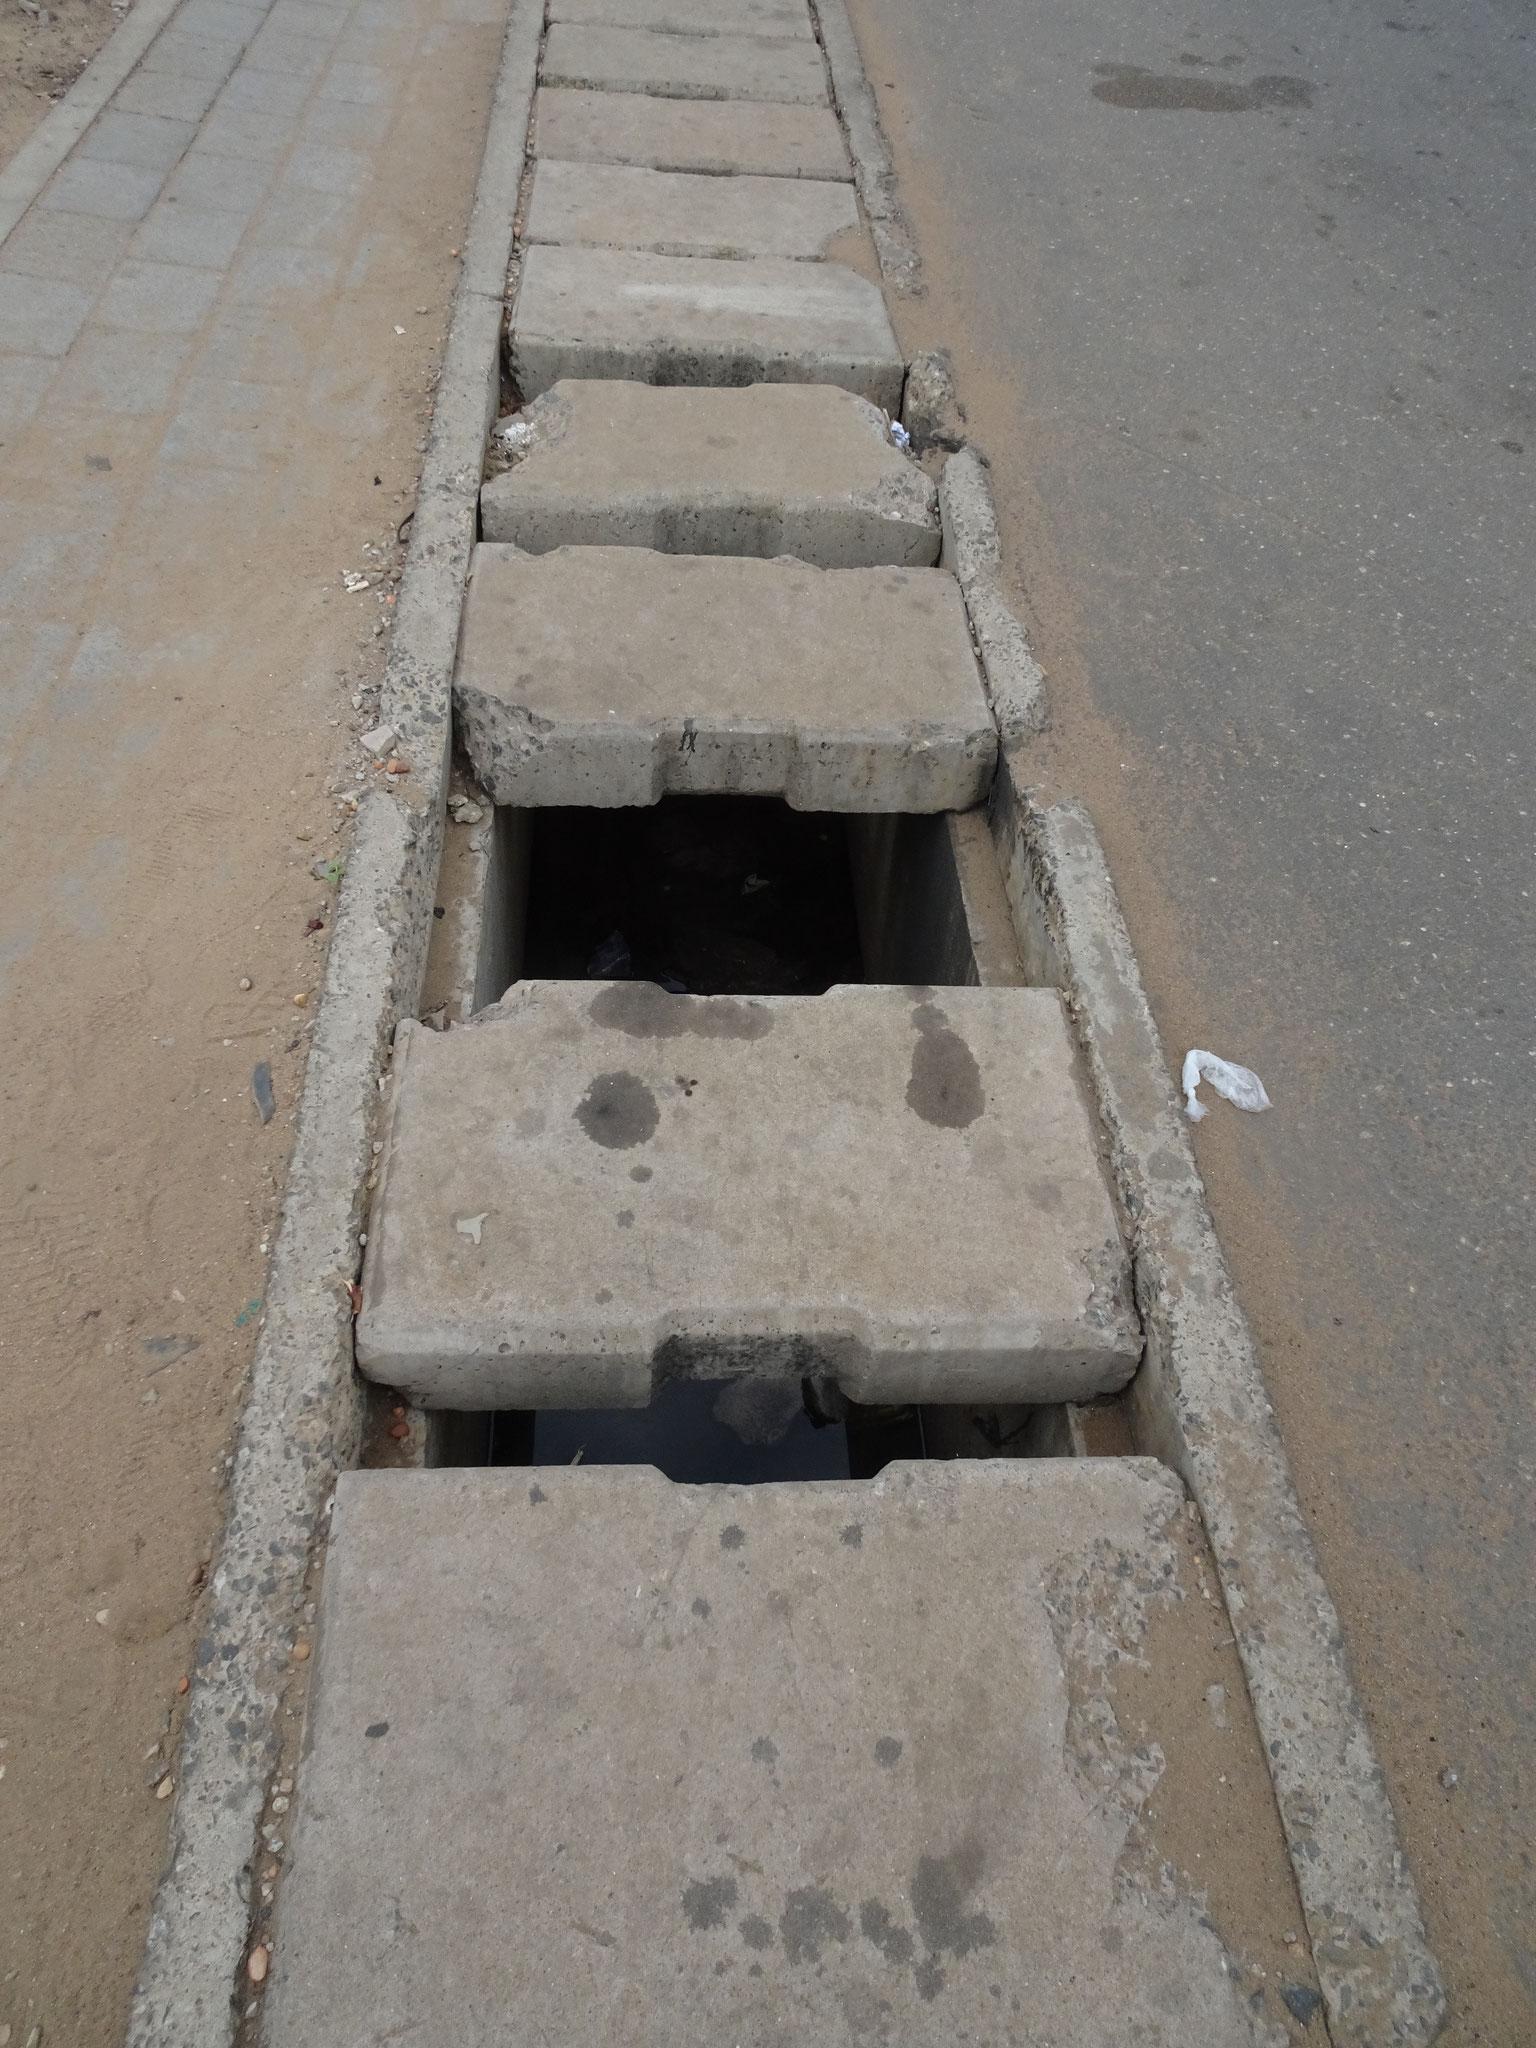 Fehlende Deckel auf der Kanalisation sind ein weiteres Hindernis.